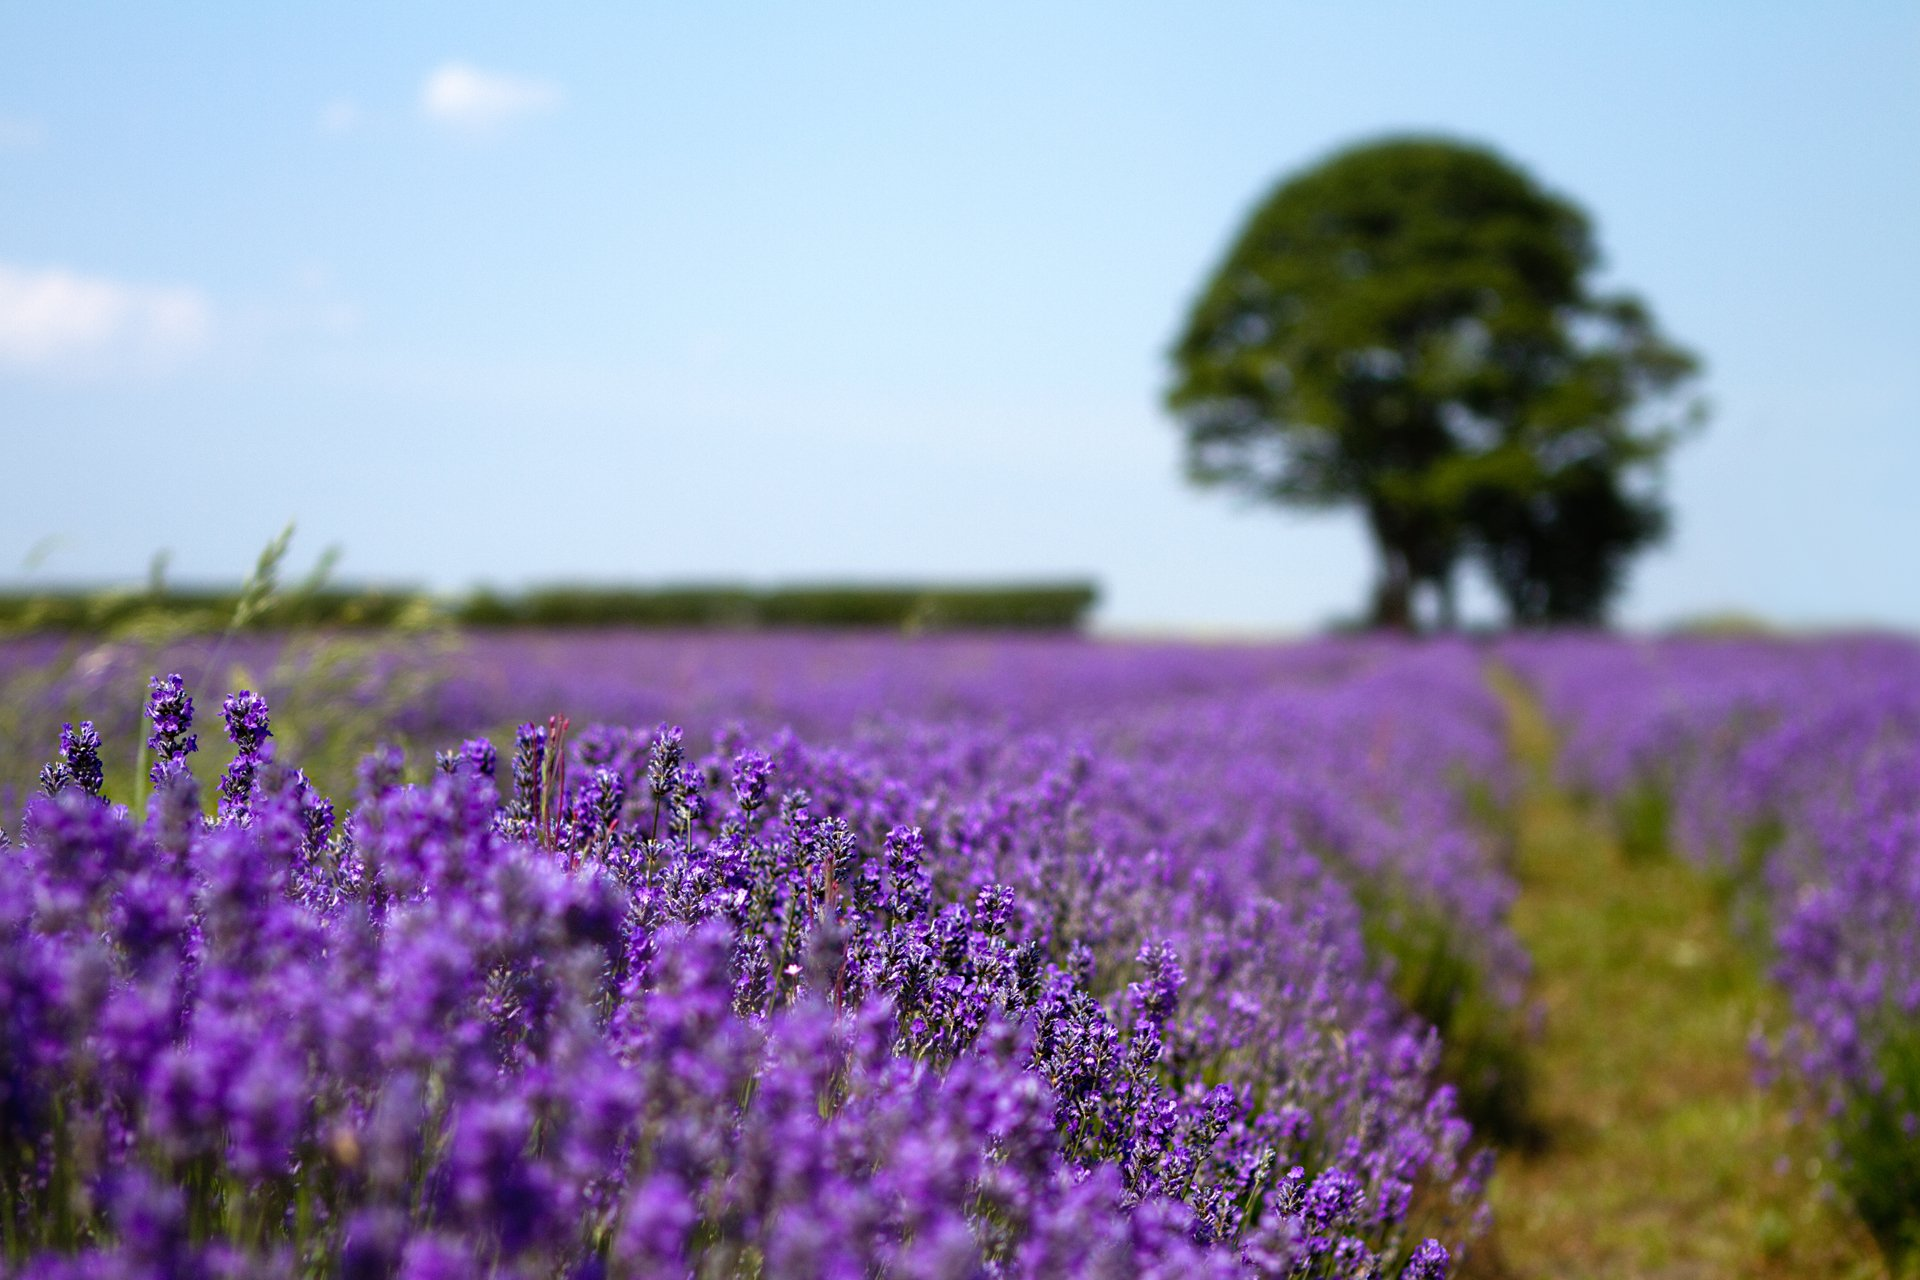 природа цветы деревья лаванда бесплатно